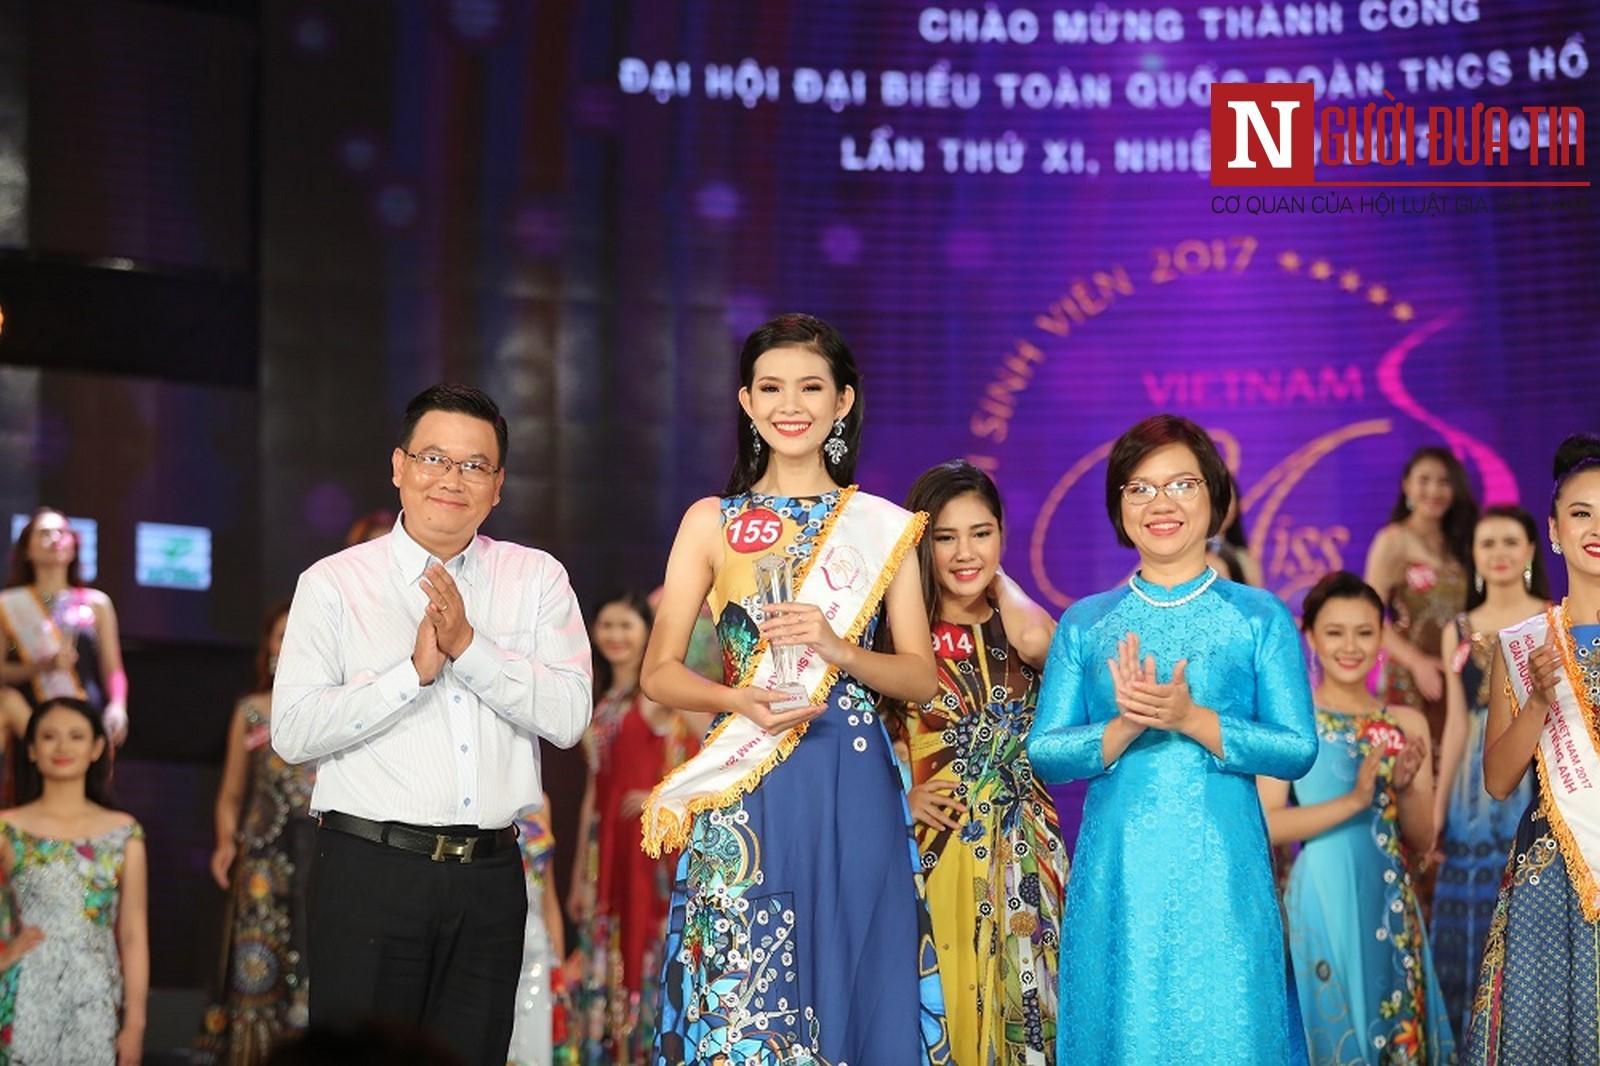 Hoa khôi Sinh viên Việt Nam 2017: Tôi chiến thắng nhờ chiều cao và may mắn - Hình 3